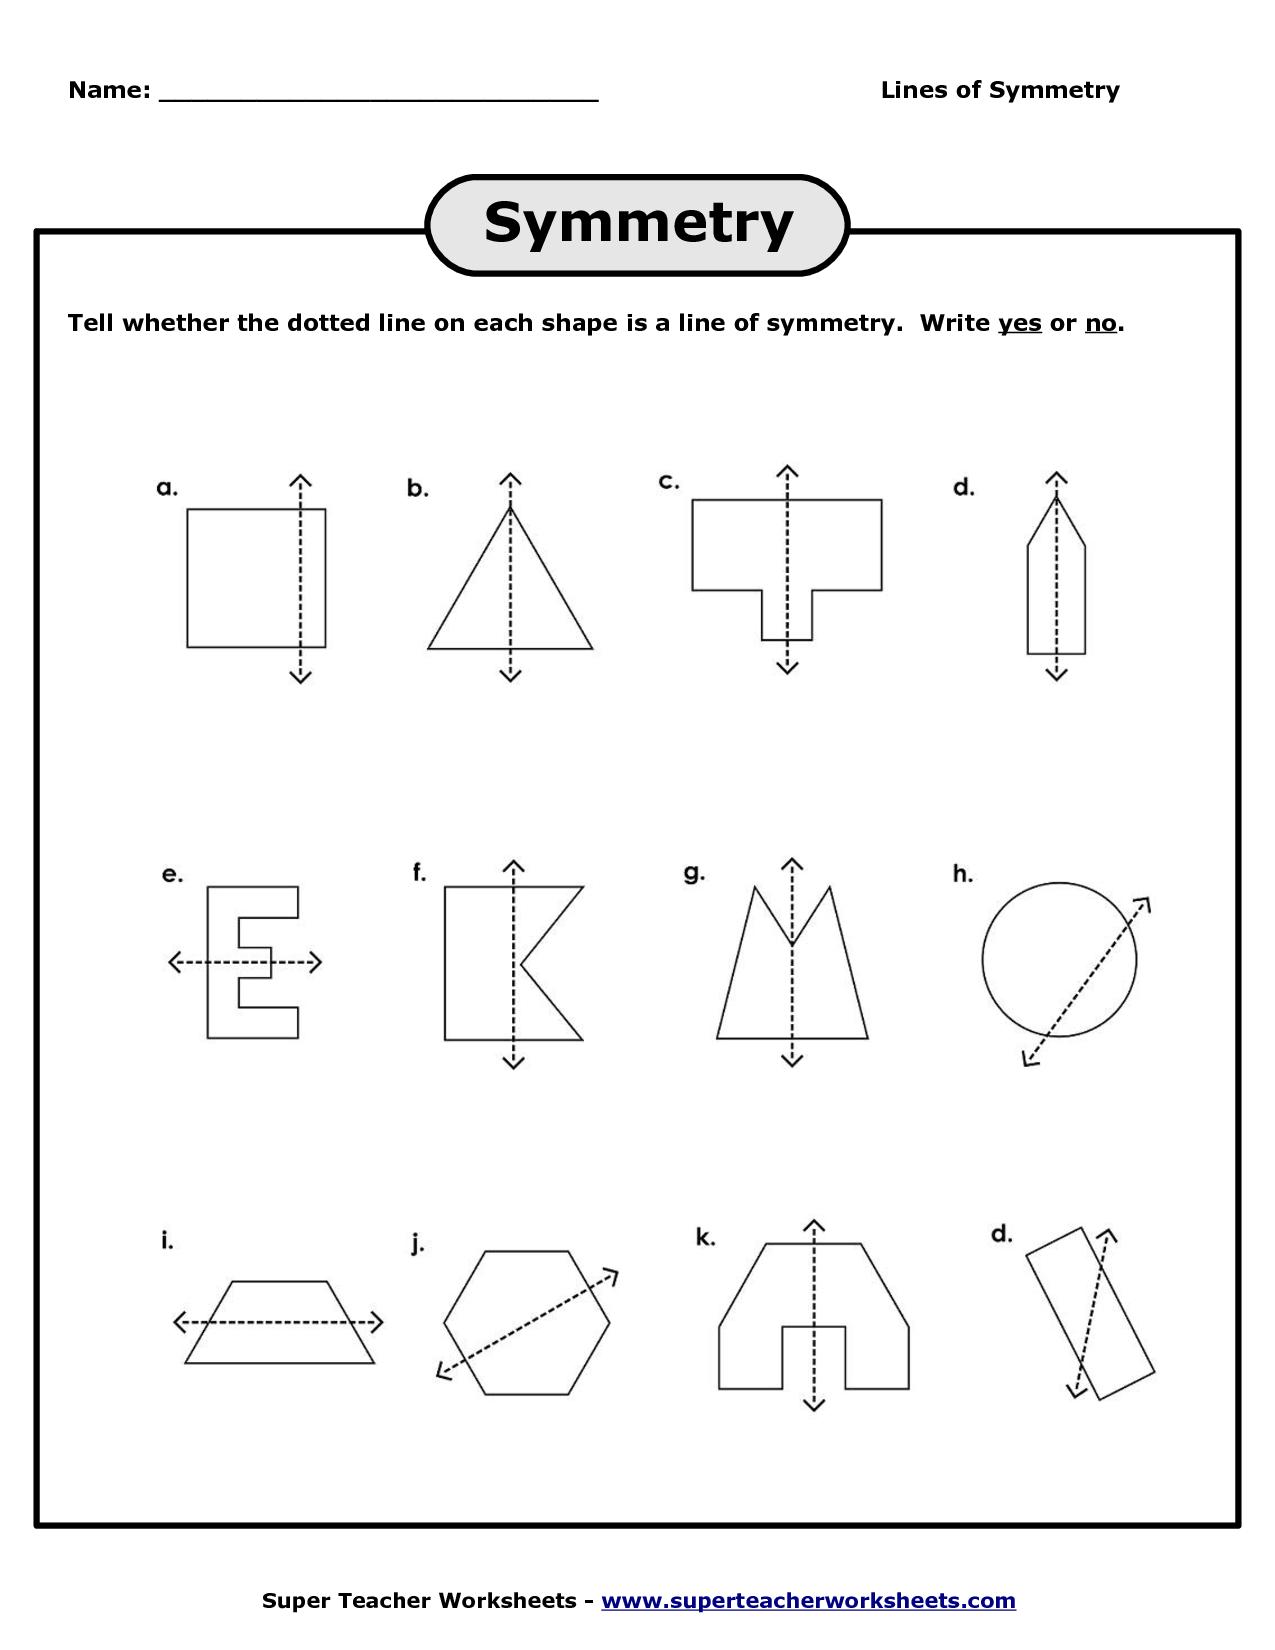 symmetries   Symmetry worksheets [ 1650 x 1275 Pixel ]